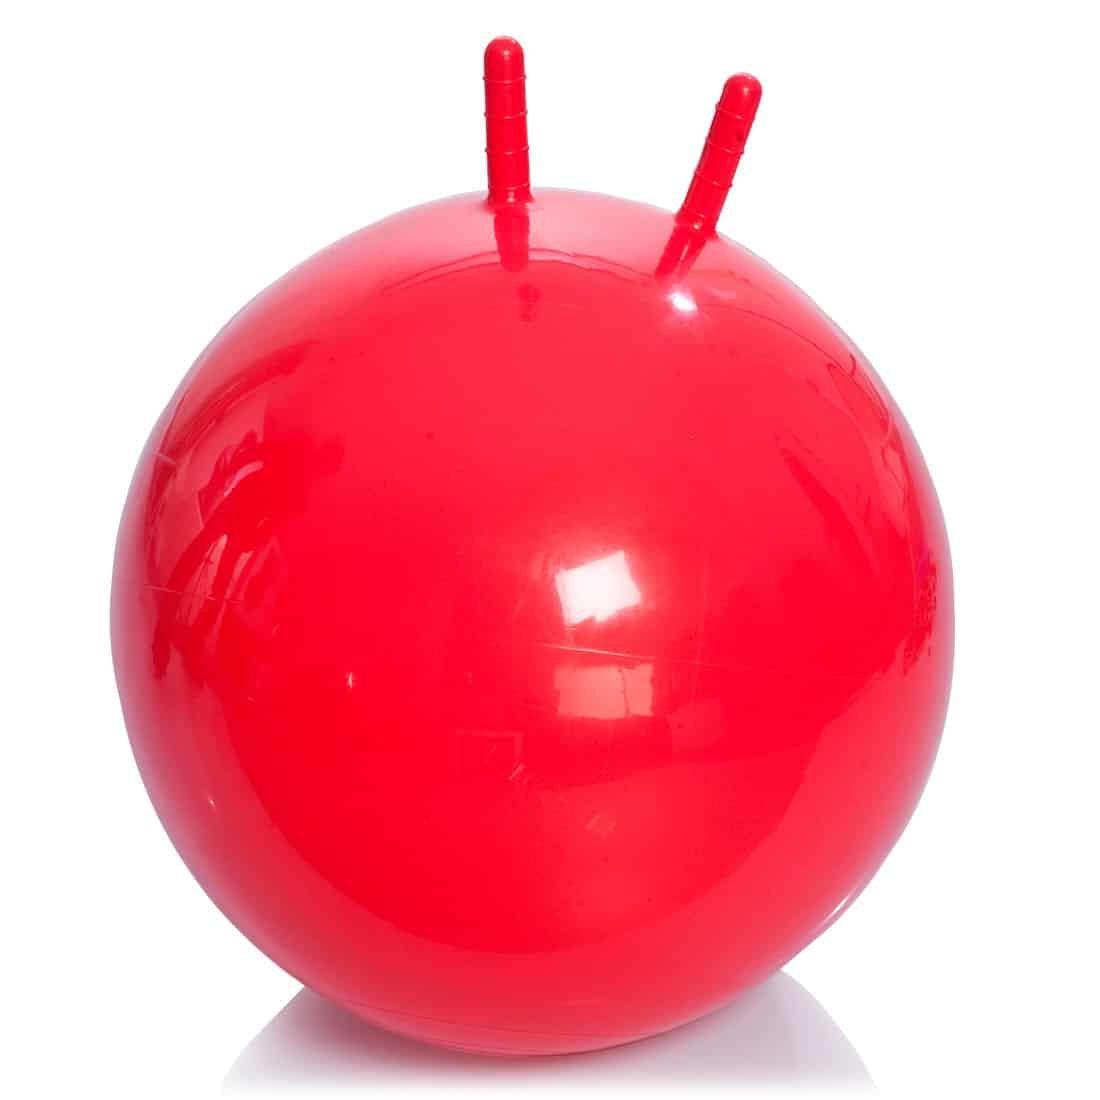 выполнен картинки мяч для прыжков девушки складывается совсем